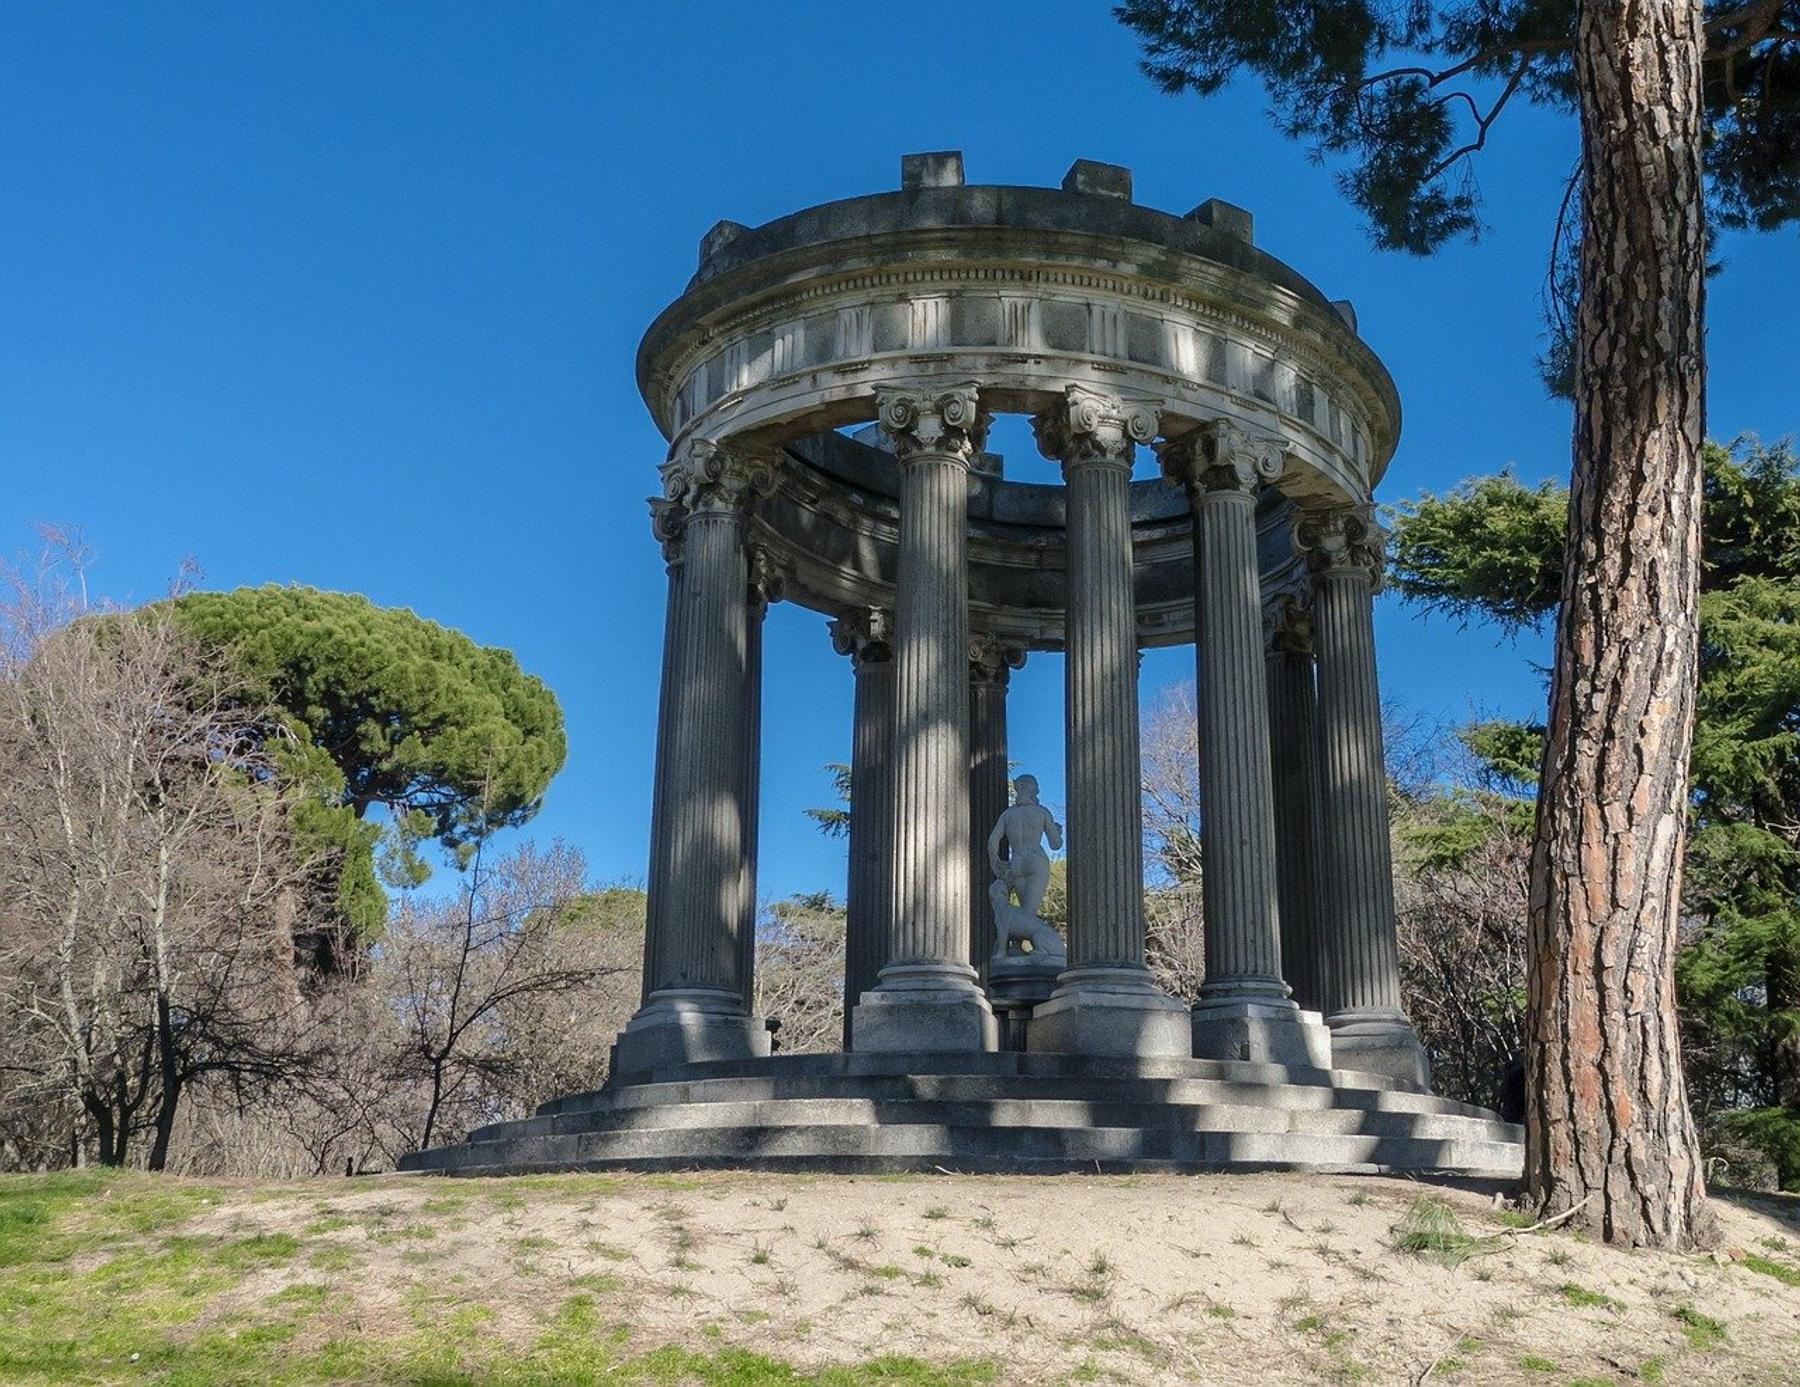 Parque El Capricho Rincones secretos de Madrid